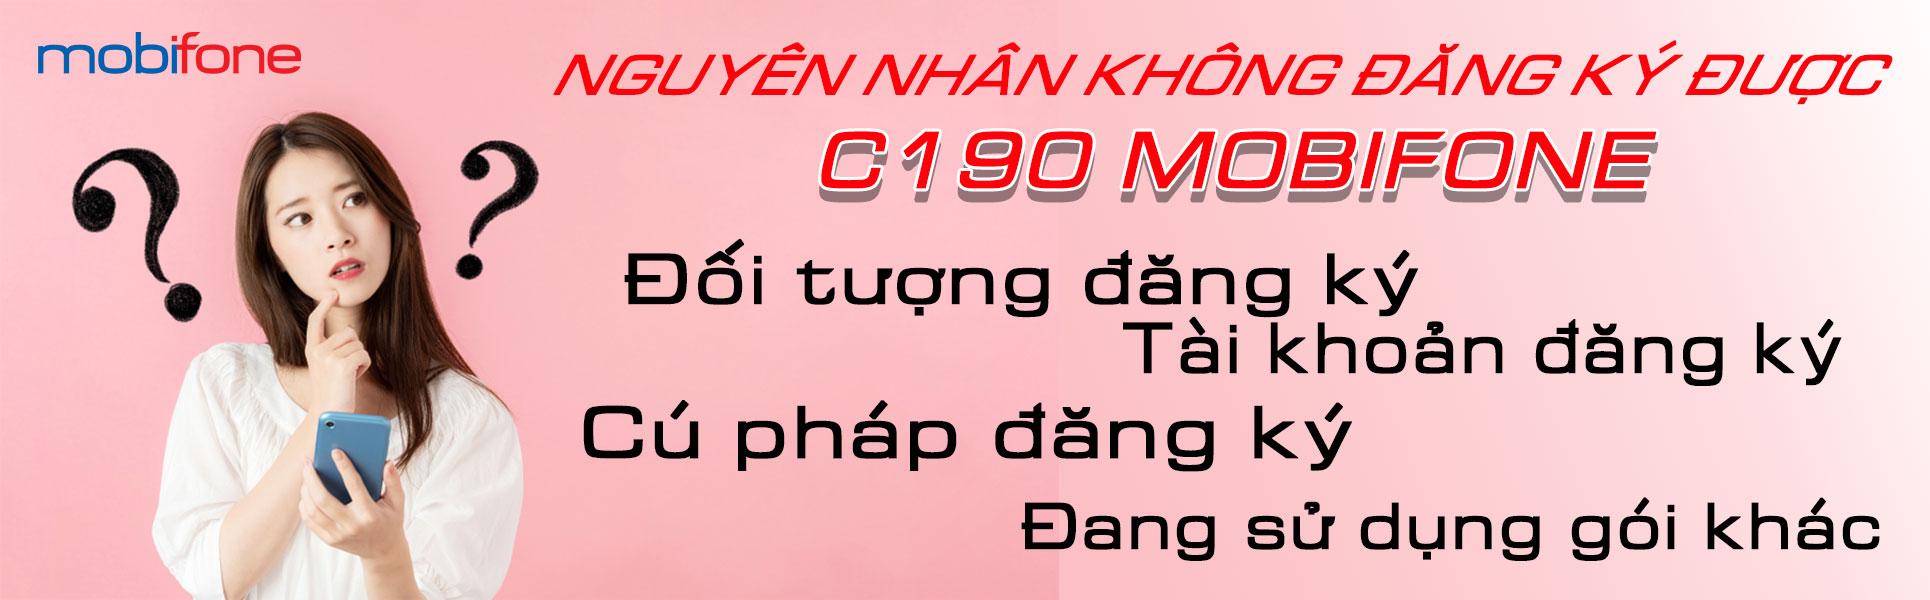 nguyen-nhan-dang-ky-c190